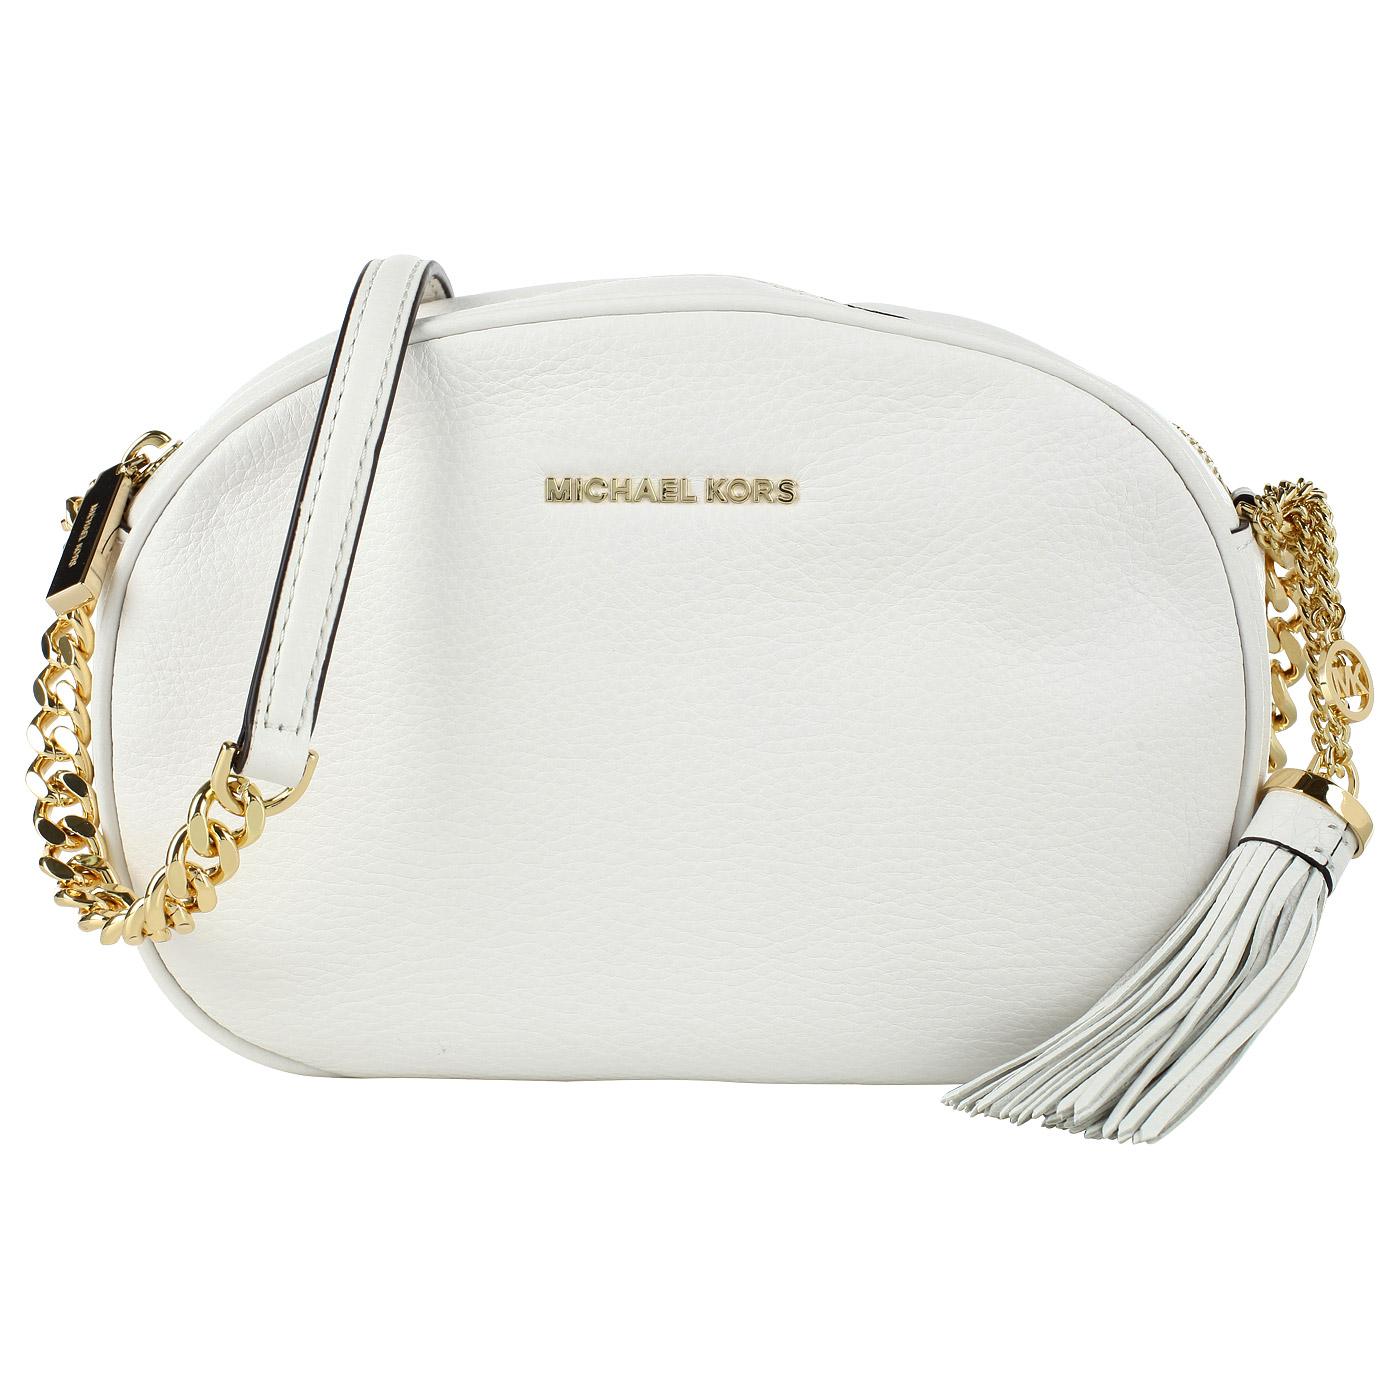 8c0bee1e39c1 ... Маленькая белая сумка кросс-боди из натуральной кожи Michael Kors Ginny  ...